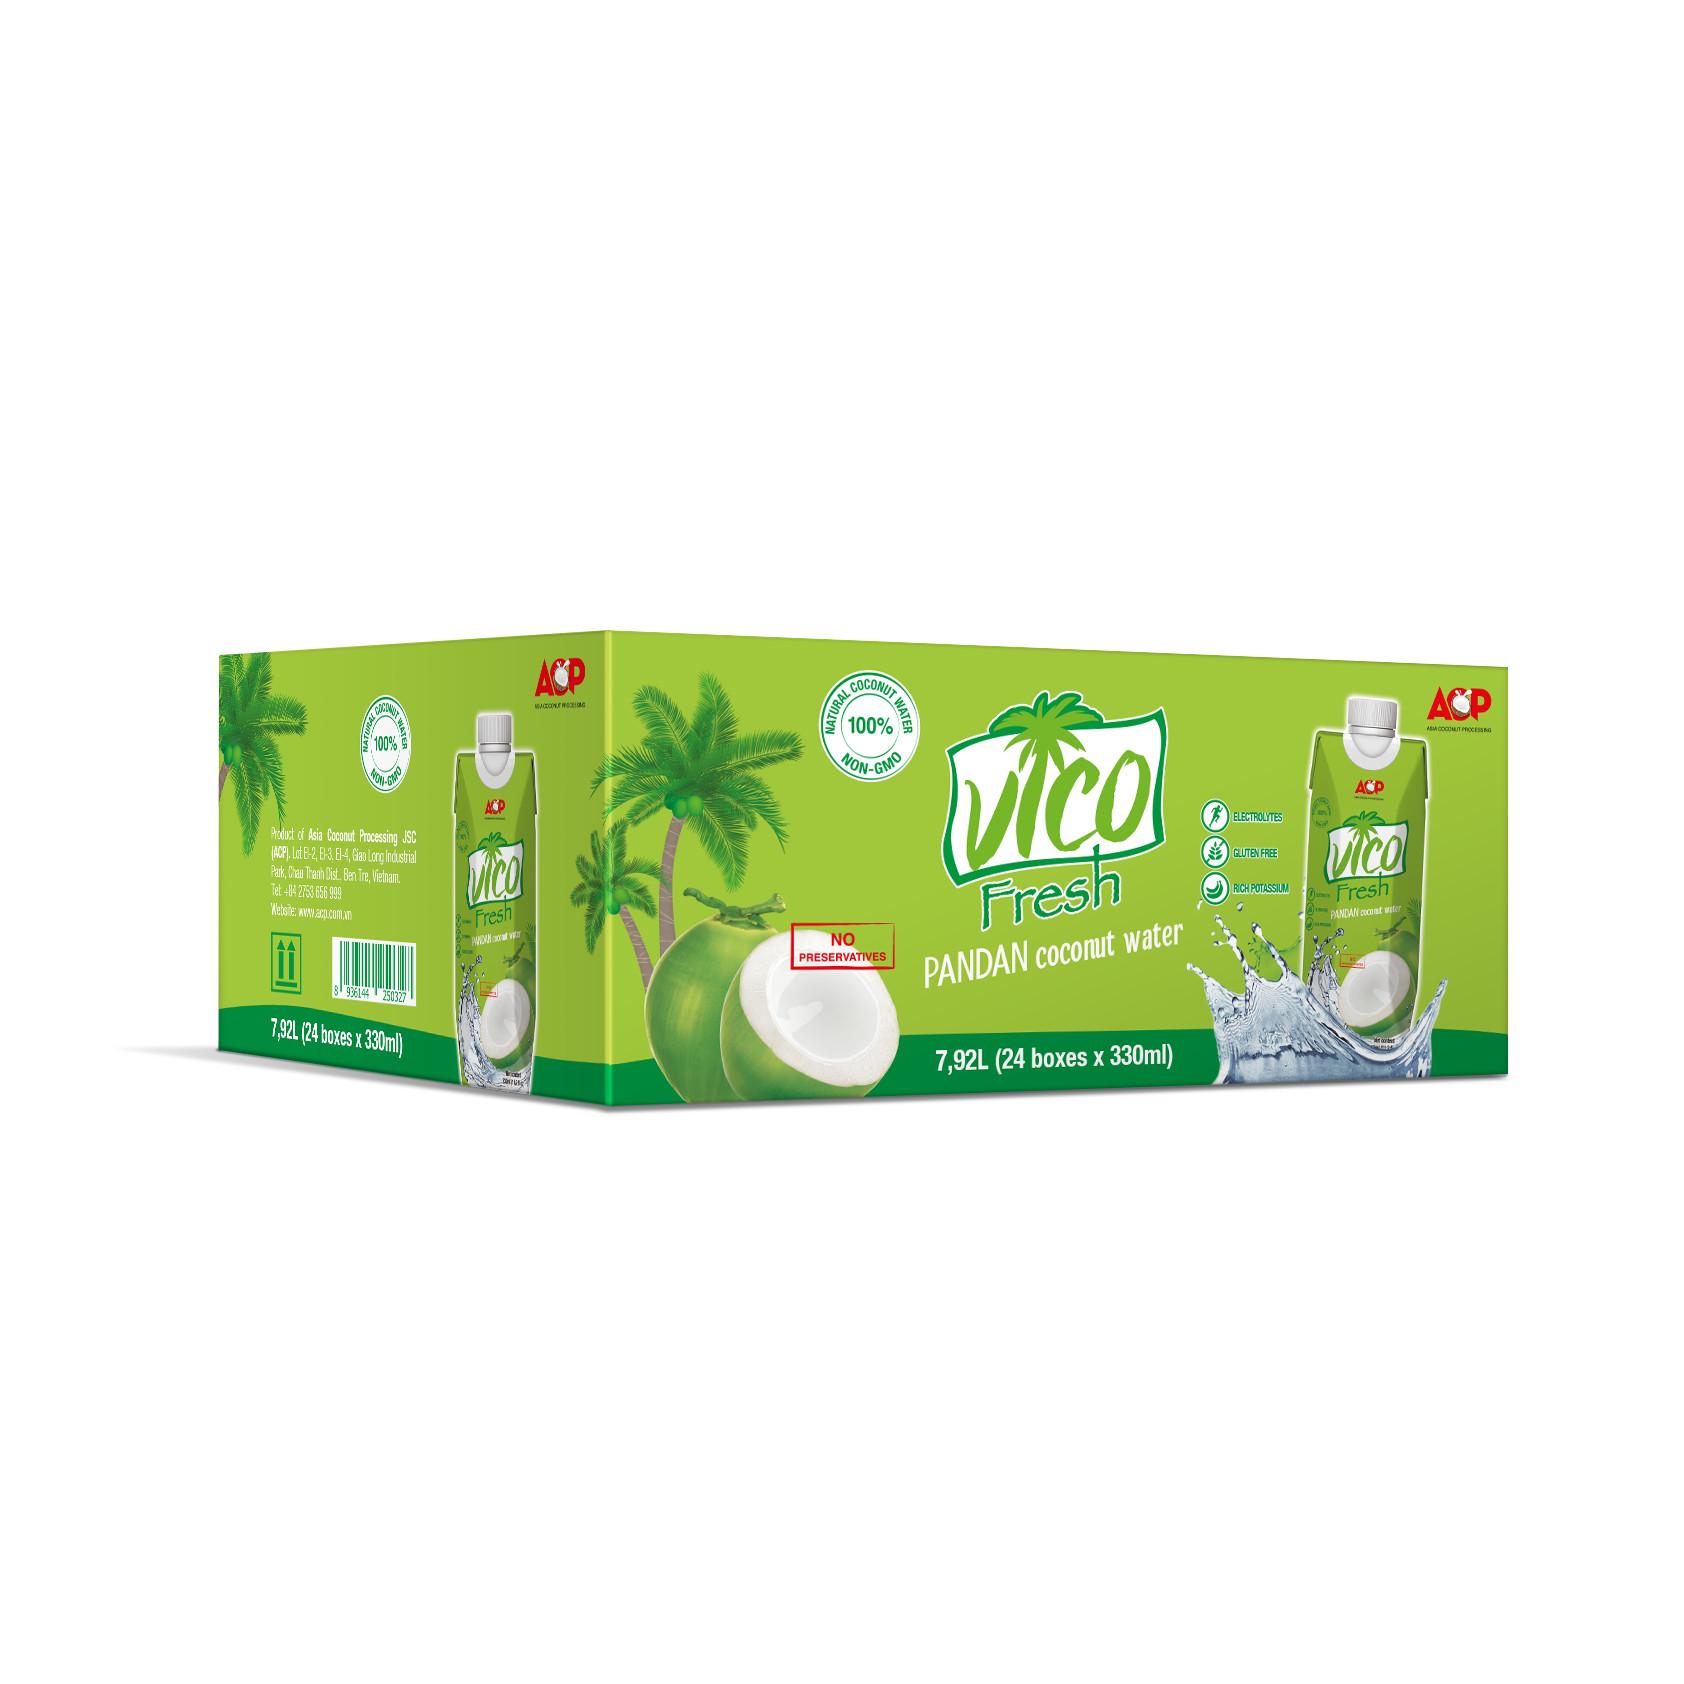 Thùng 24 hộp Nước dừa dứa Vico Fresh 330ml  hộp